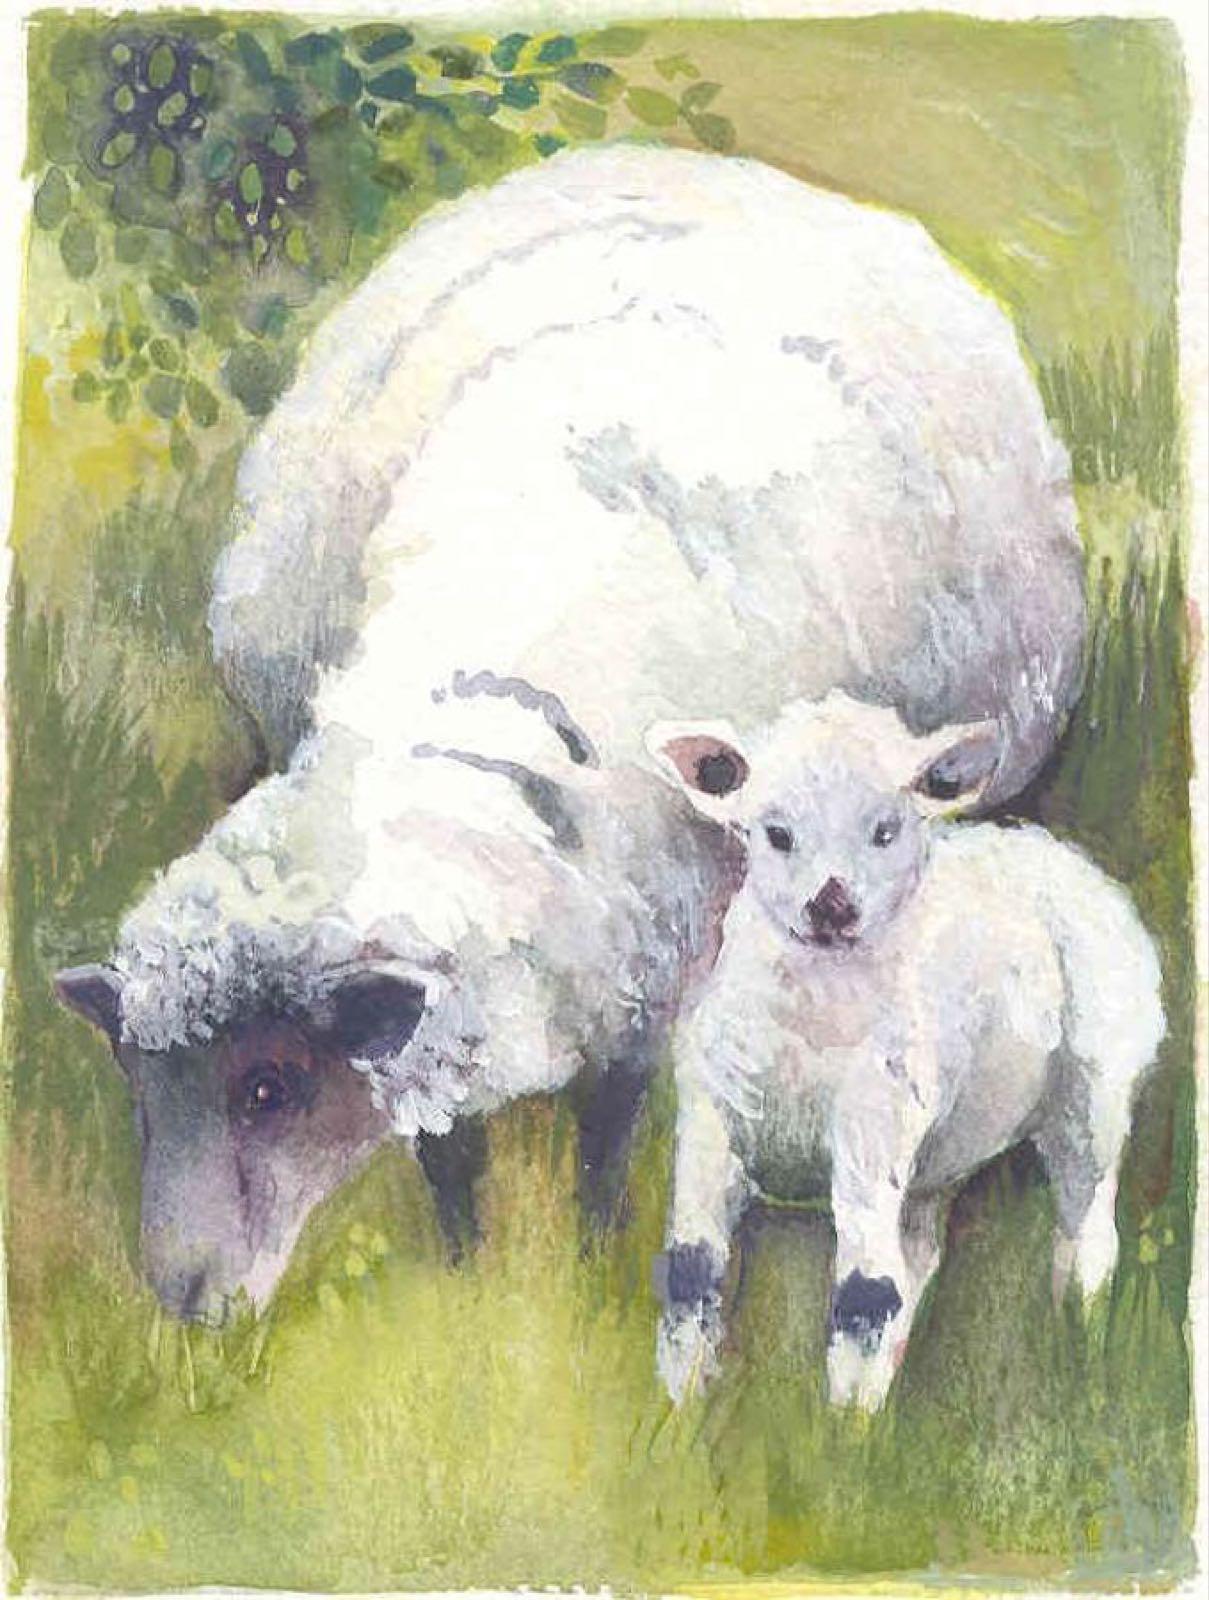 'Ewe & Lamb' Furzedown Gallery Mini Card